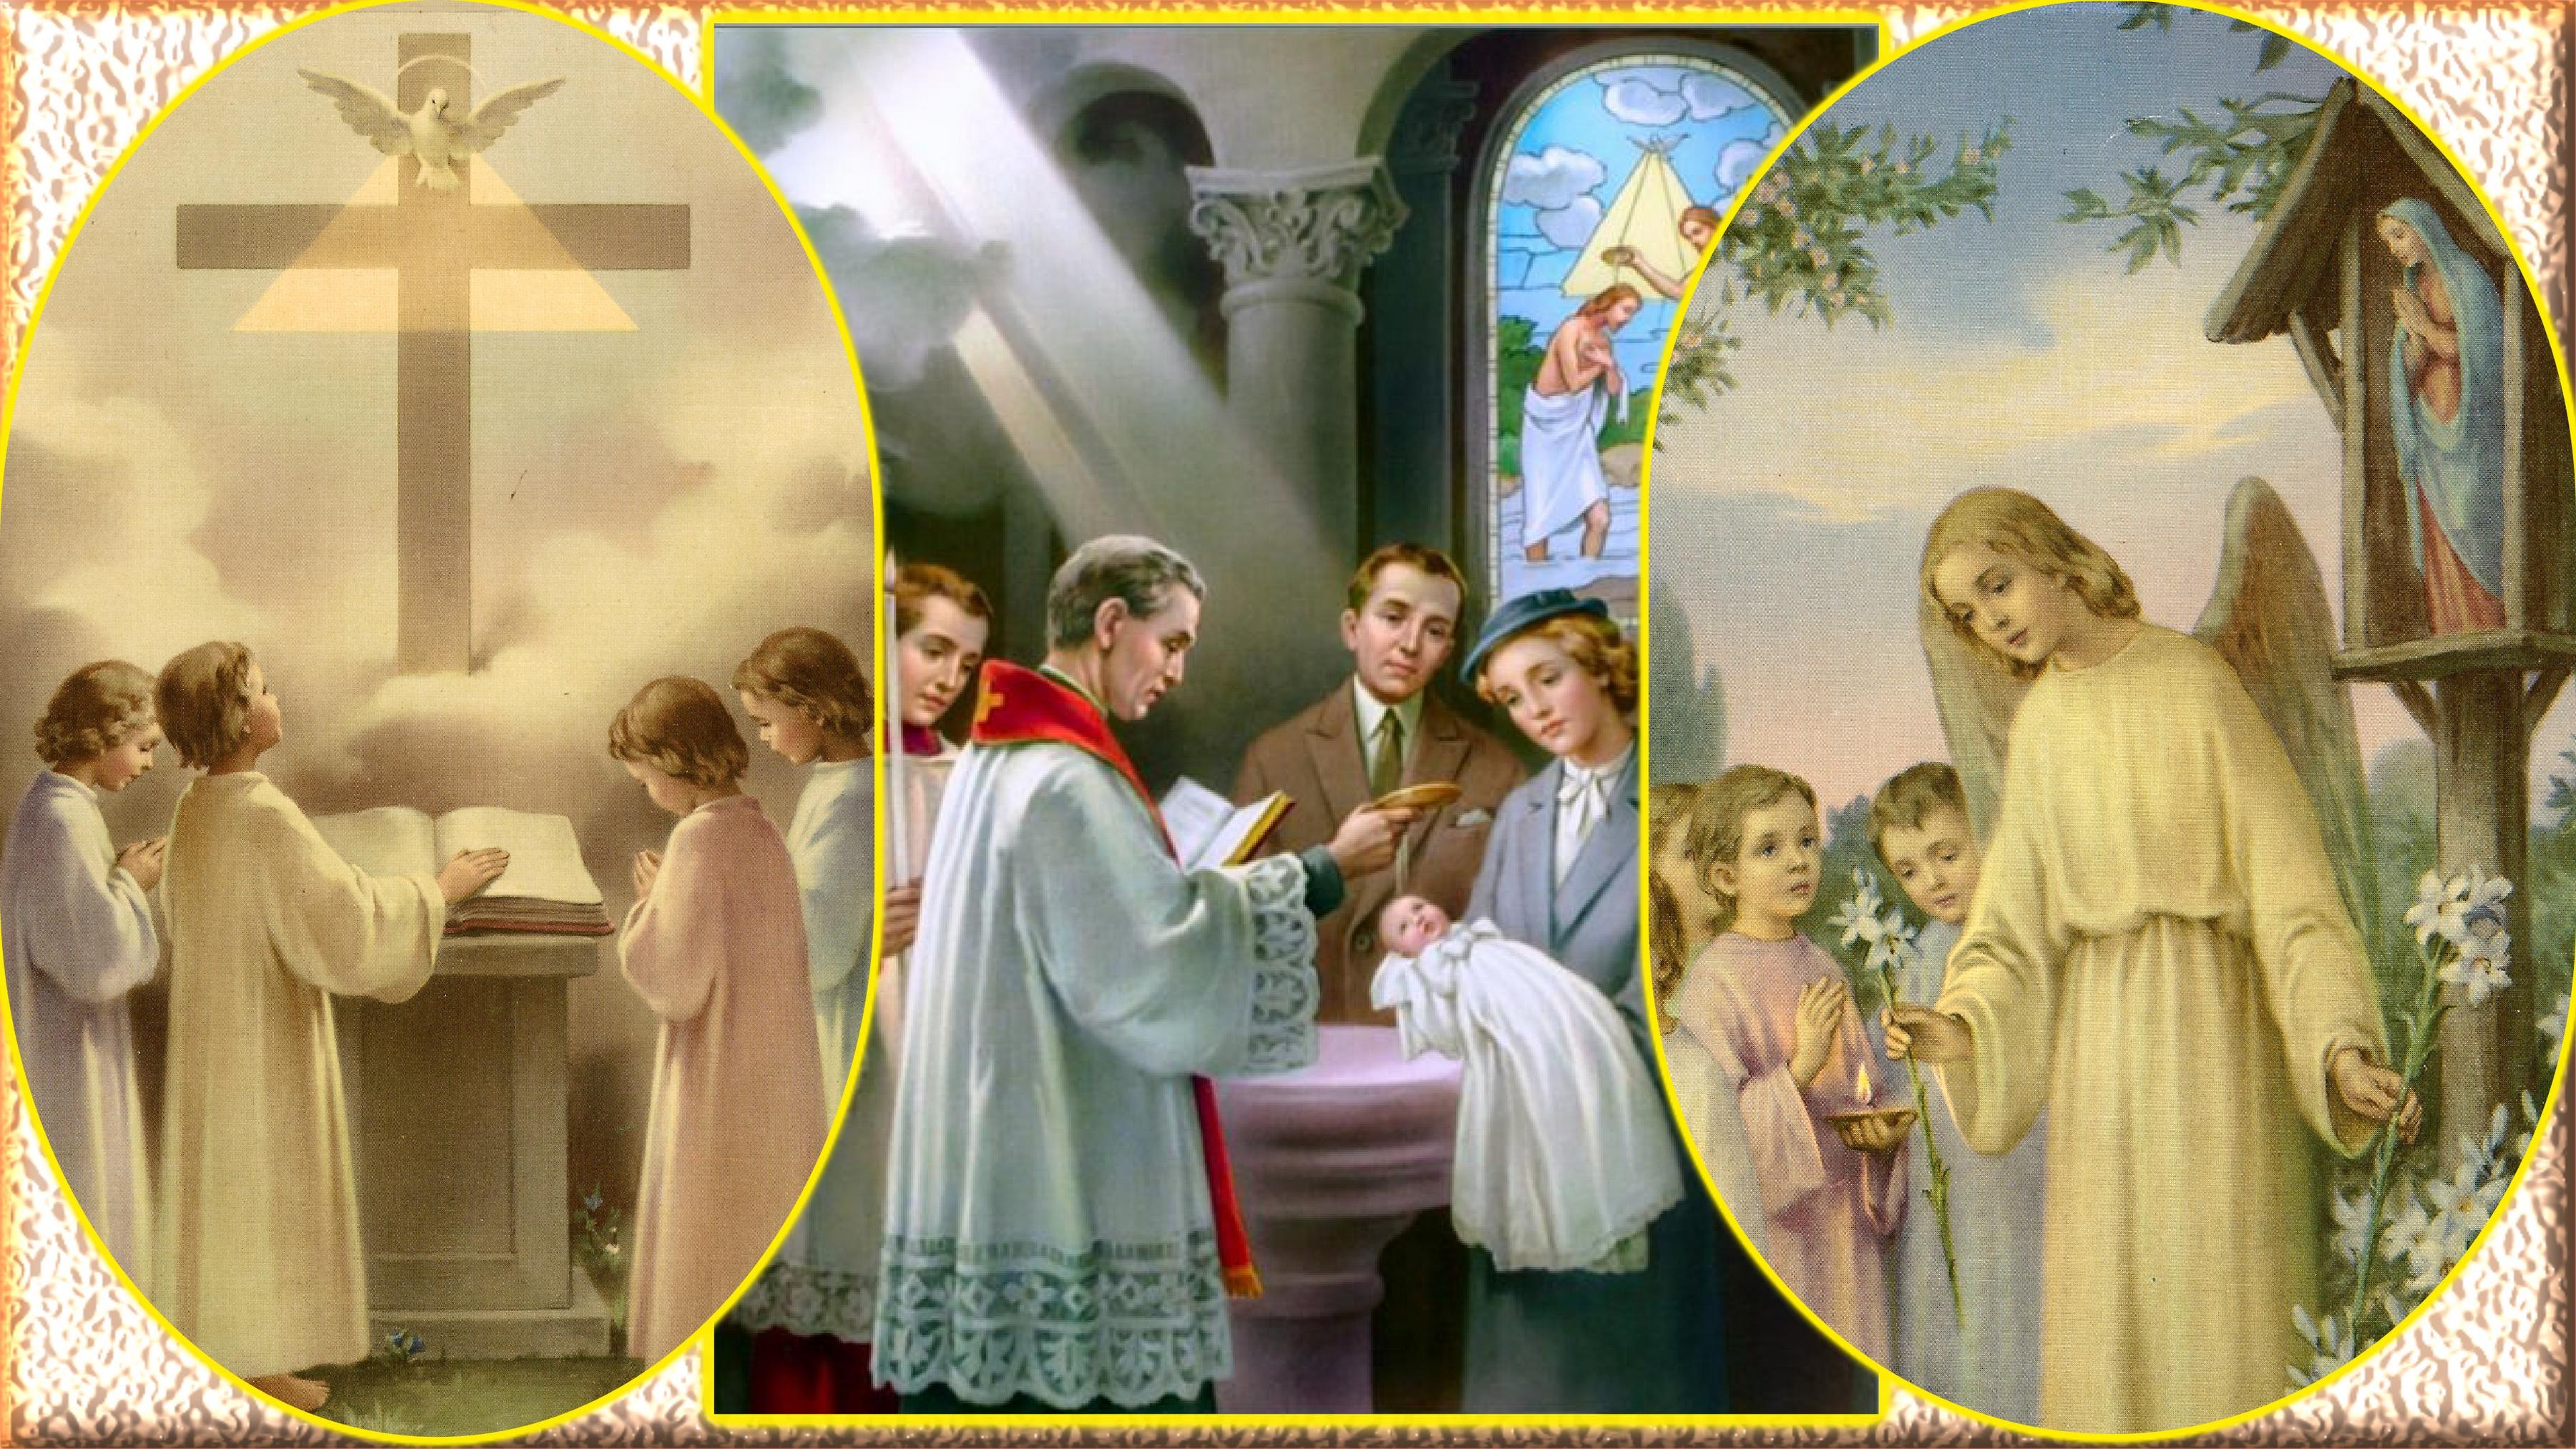 CALENDRIER CATHOLIQUE 2020 (Cantiques, Prières & Images) - Page 12 R-novation-des-v-...-bapt-me-55a60f9